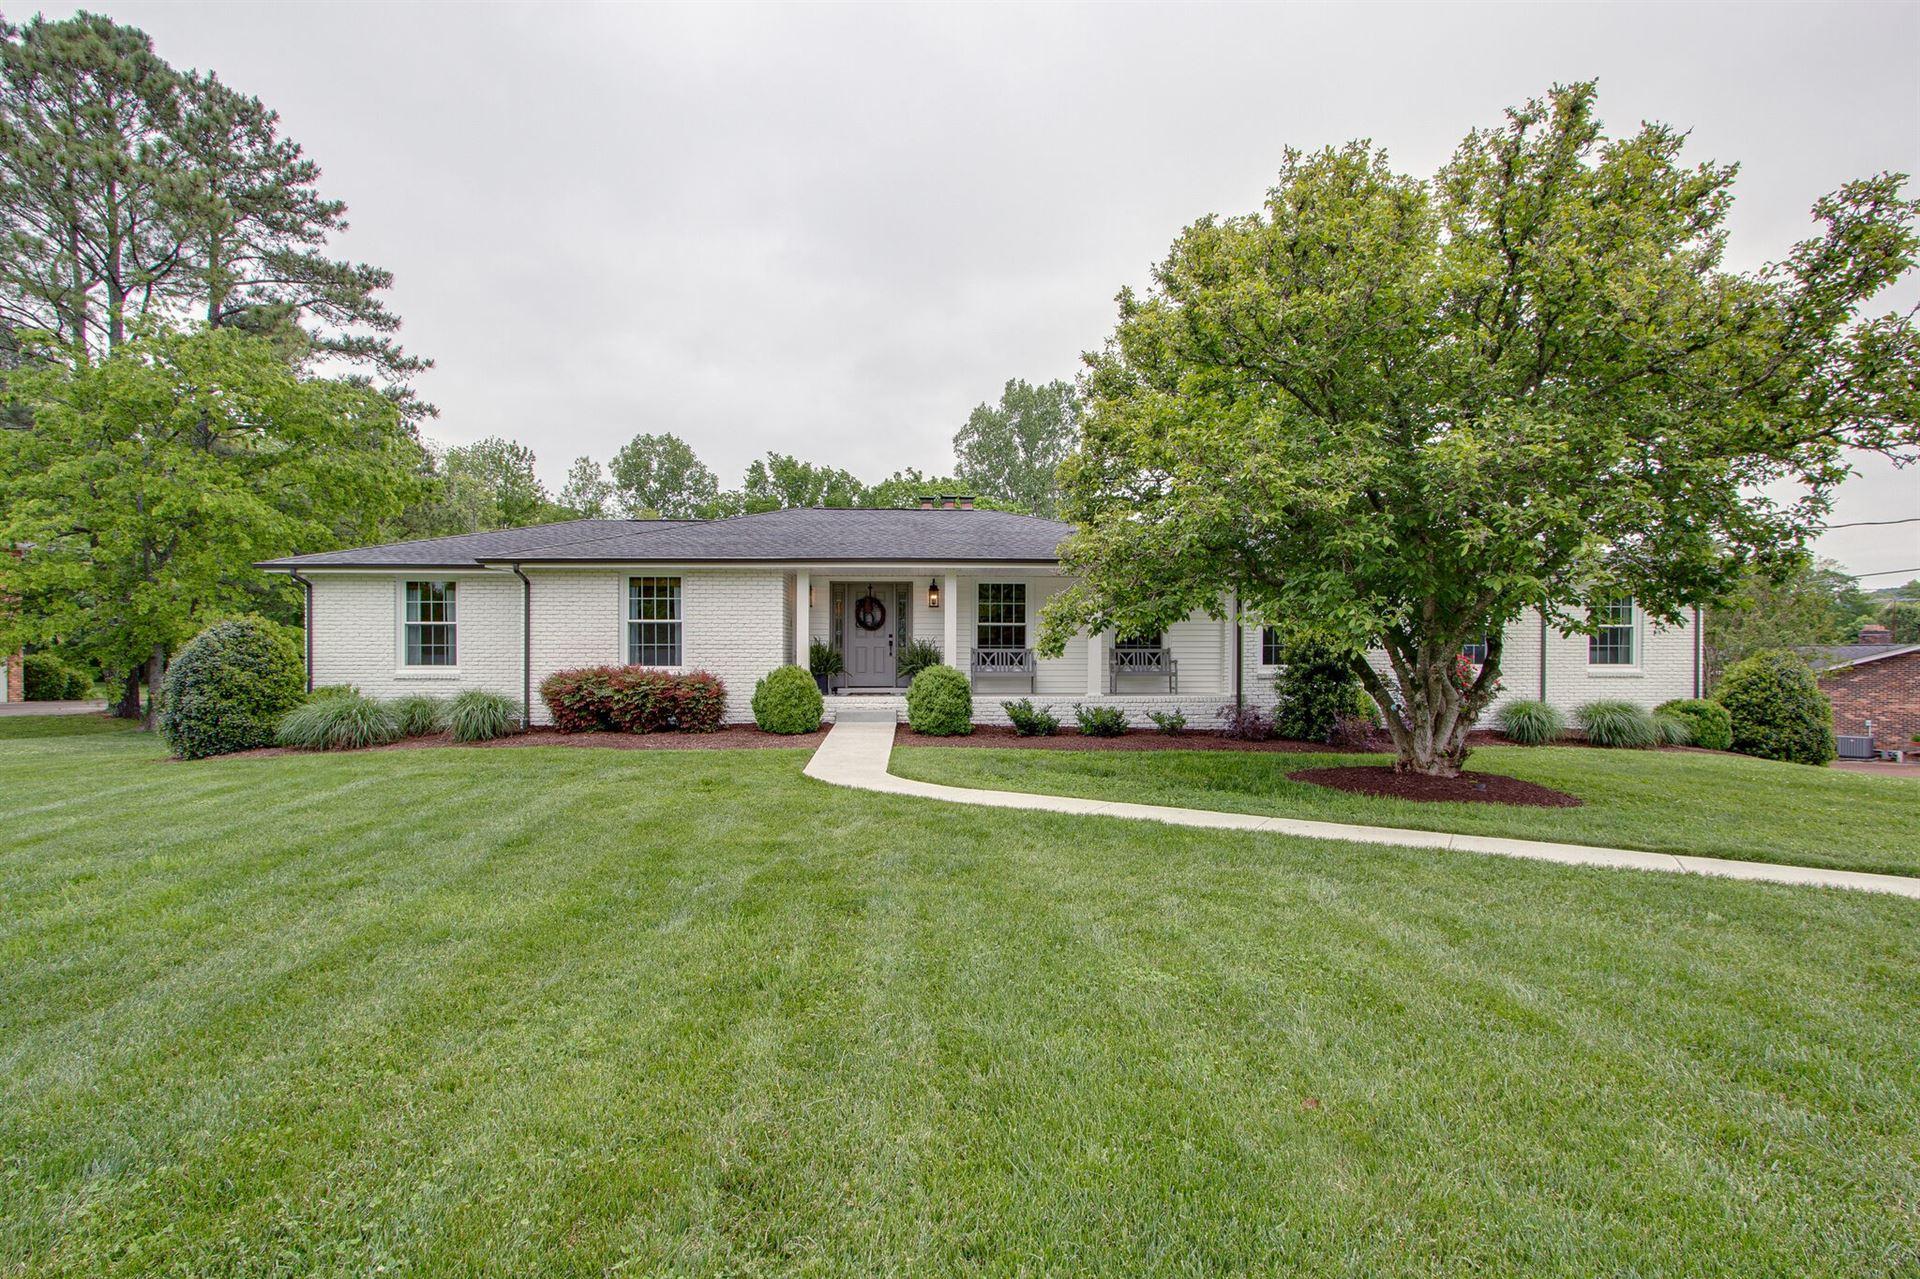 418 Dahlia Dr, Brentwood, TN 37027 - MLS#: 2252556